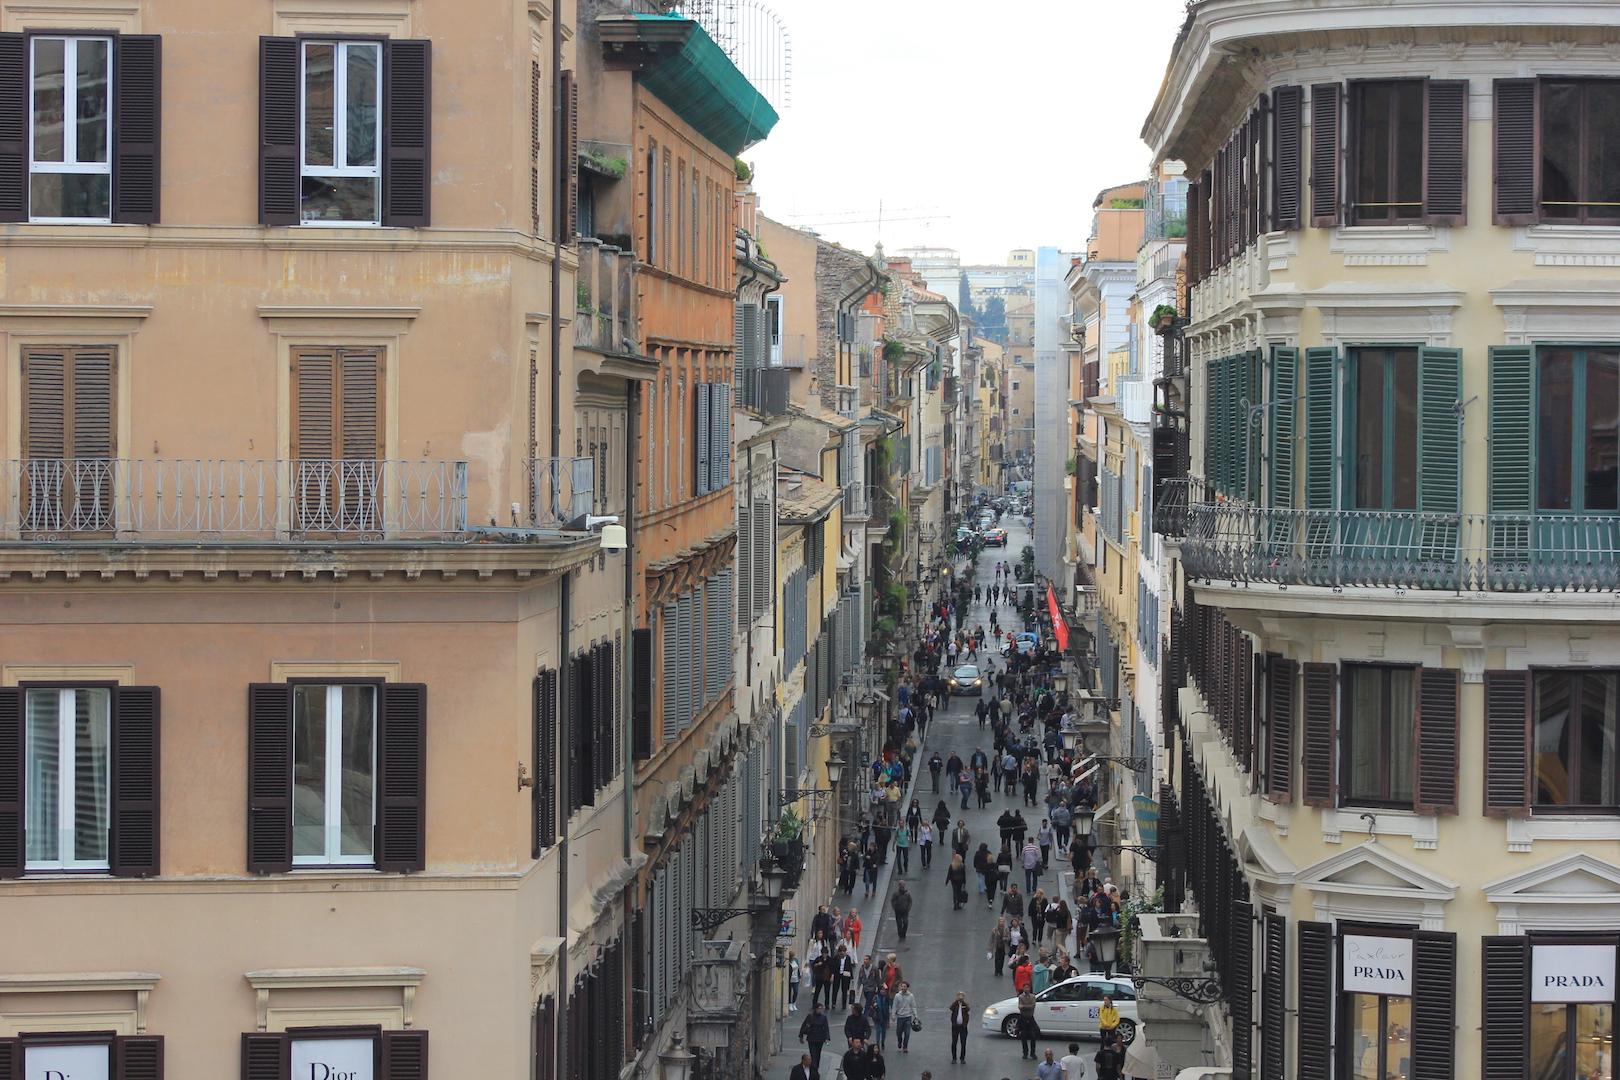 roma_piazza-di-spagna_noiembrie2016_paxlaur2